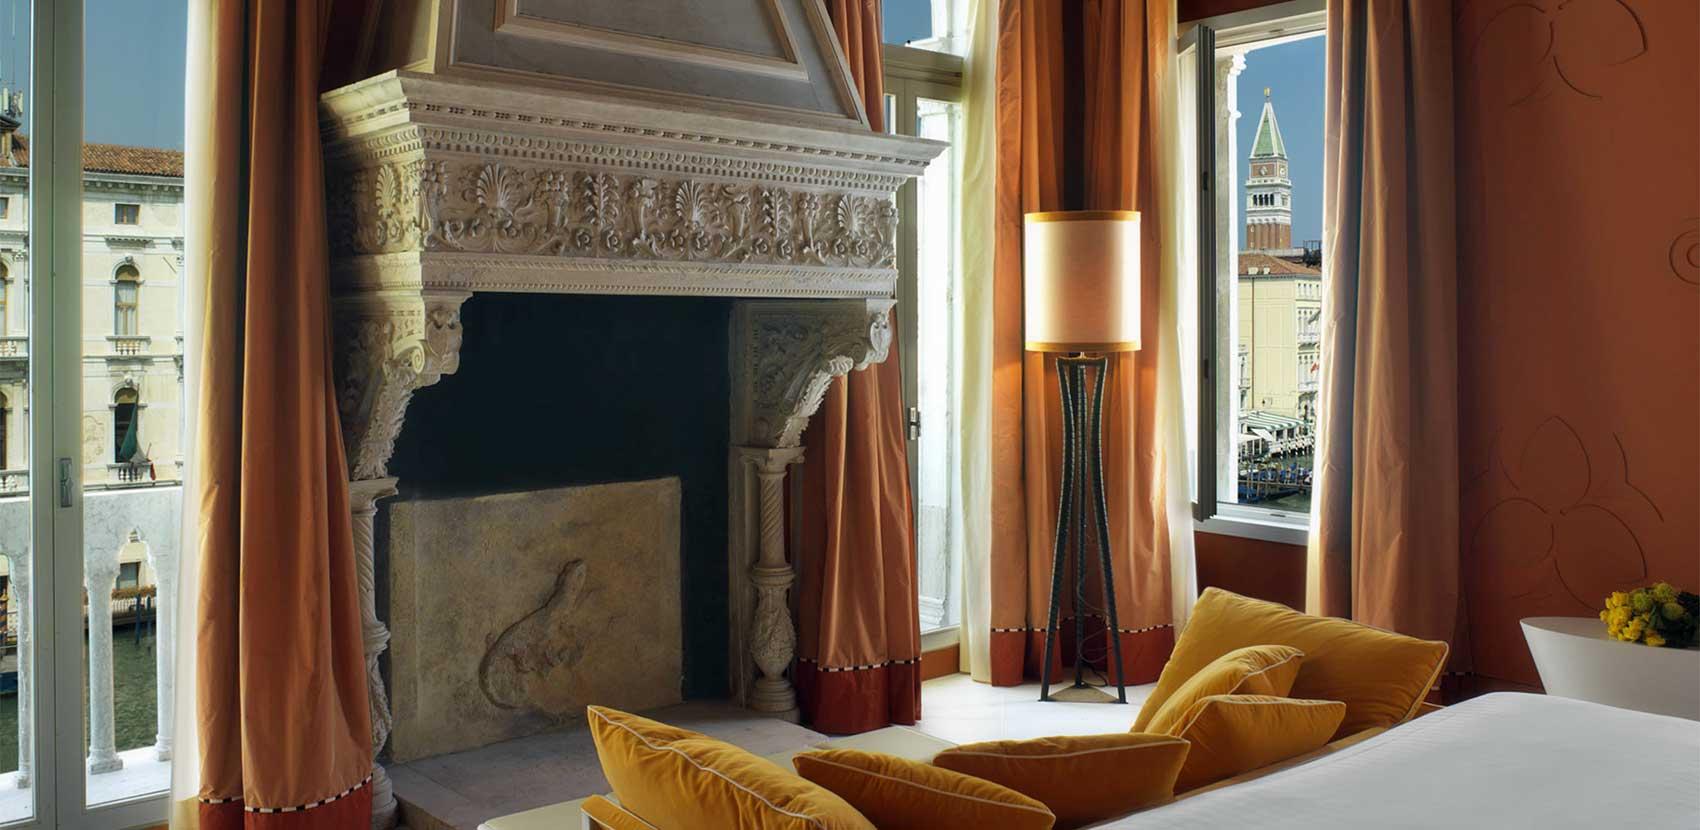 Junior Suite Deluxe avec vue sur le Grand Canal - Centurion Palace Hotel Venise